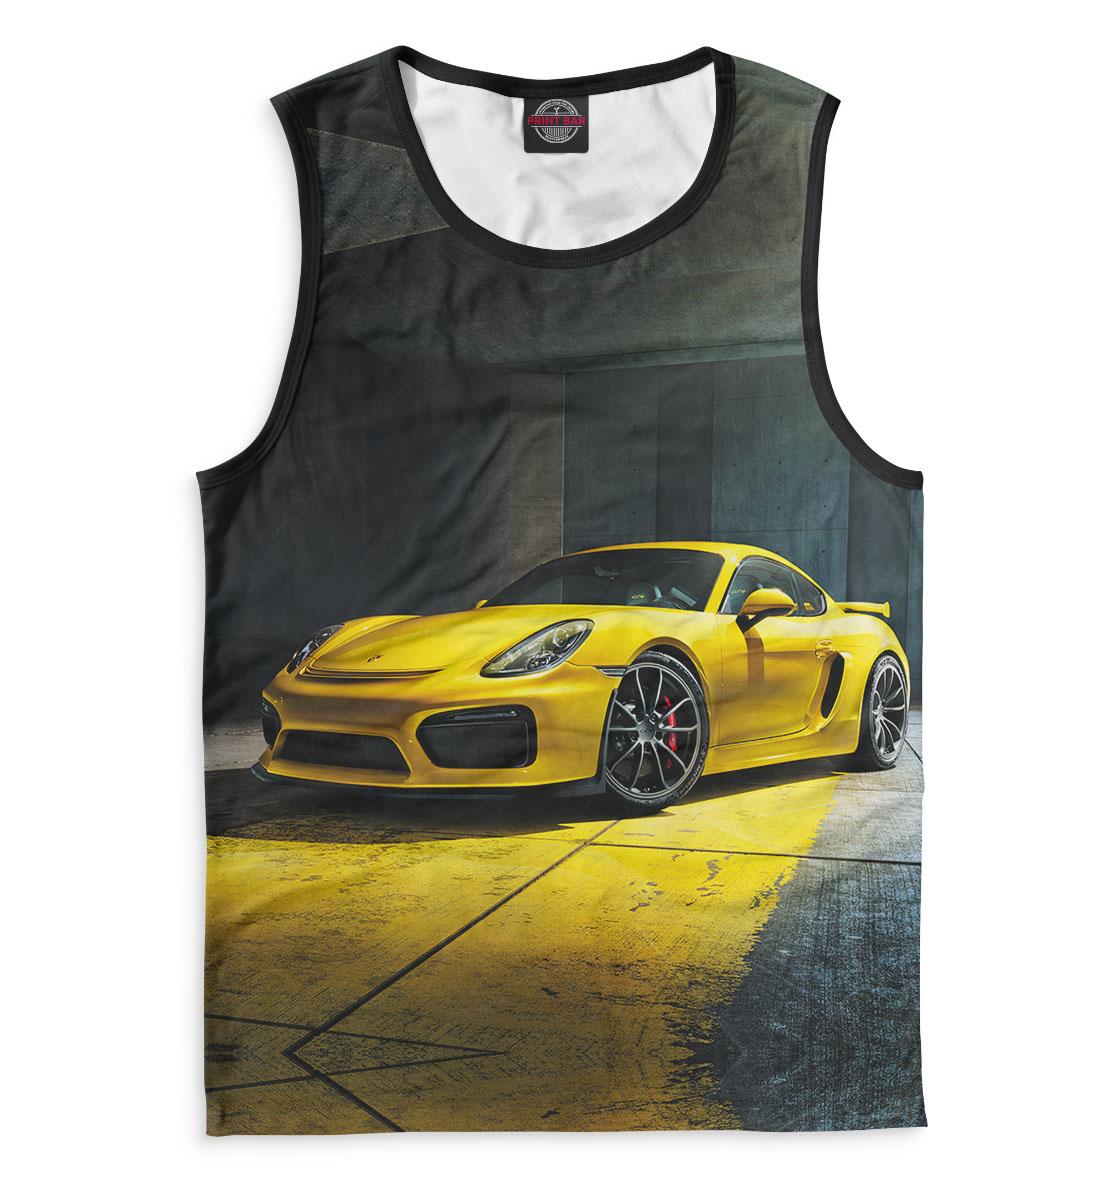 Купить Porsche, Printbar, Майки, SPC-110226-may-2